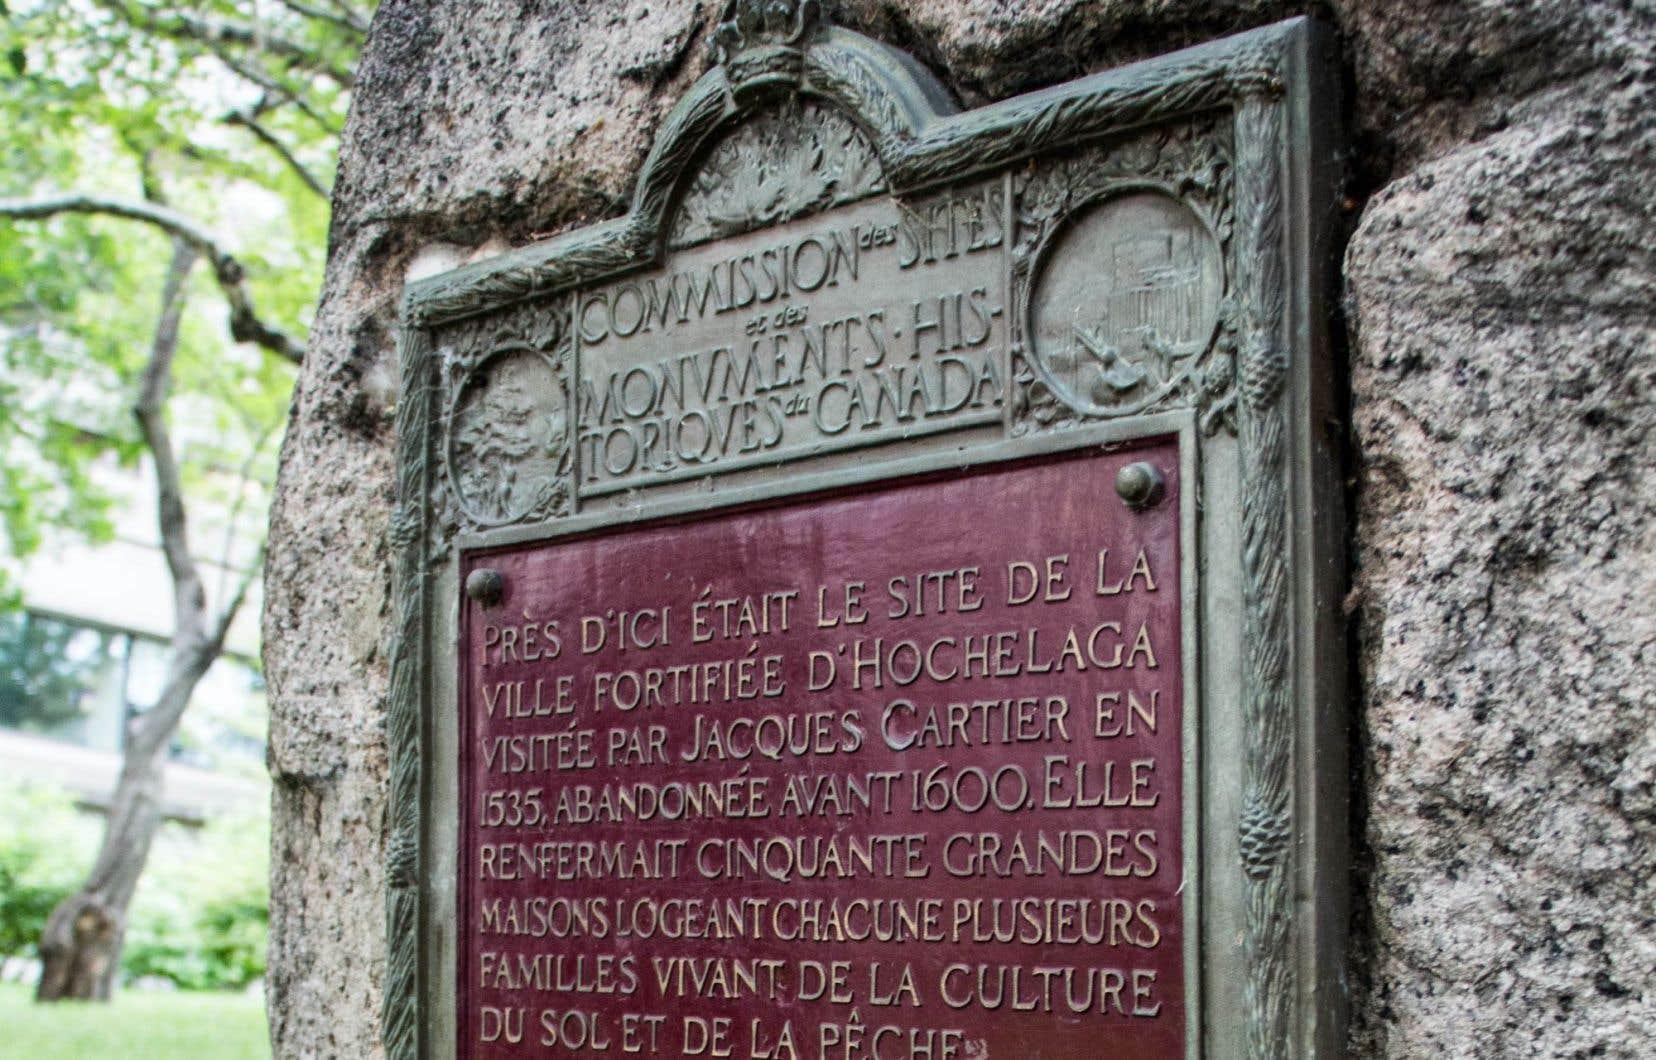 La première plaque est installée sur une pierre à gauche de l'allée centrale de l'entrée de l'université. Il y est inscrit: «Près d'ici était le site d'Hochelaga visité par Jacques Cartier en 1535 et abandonné avant 1600.»